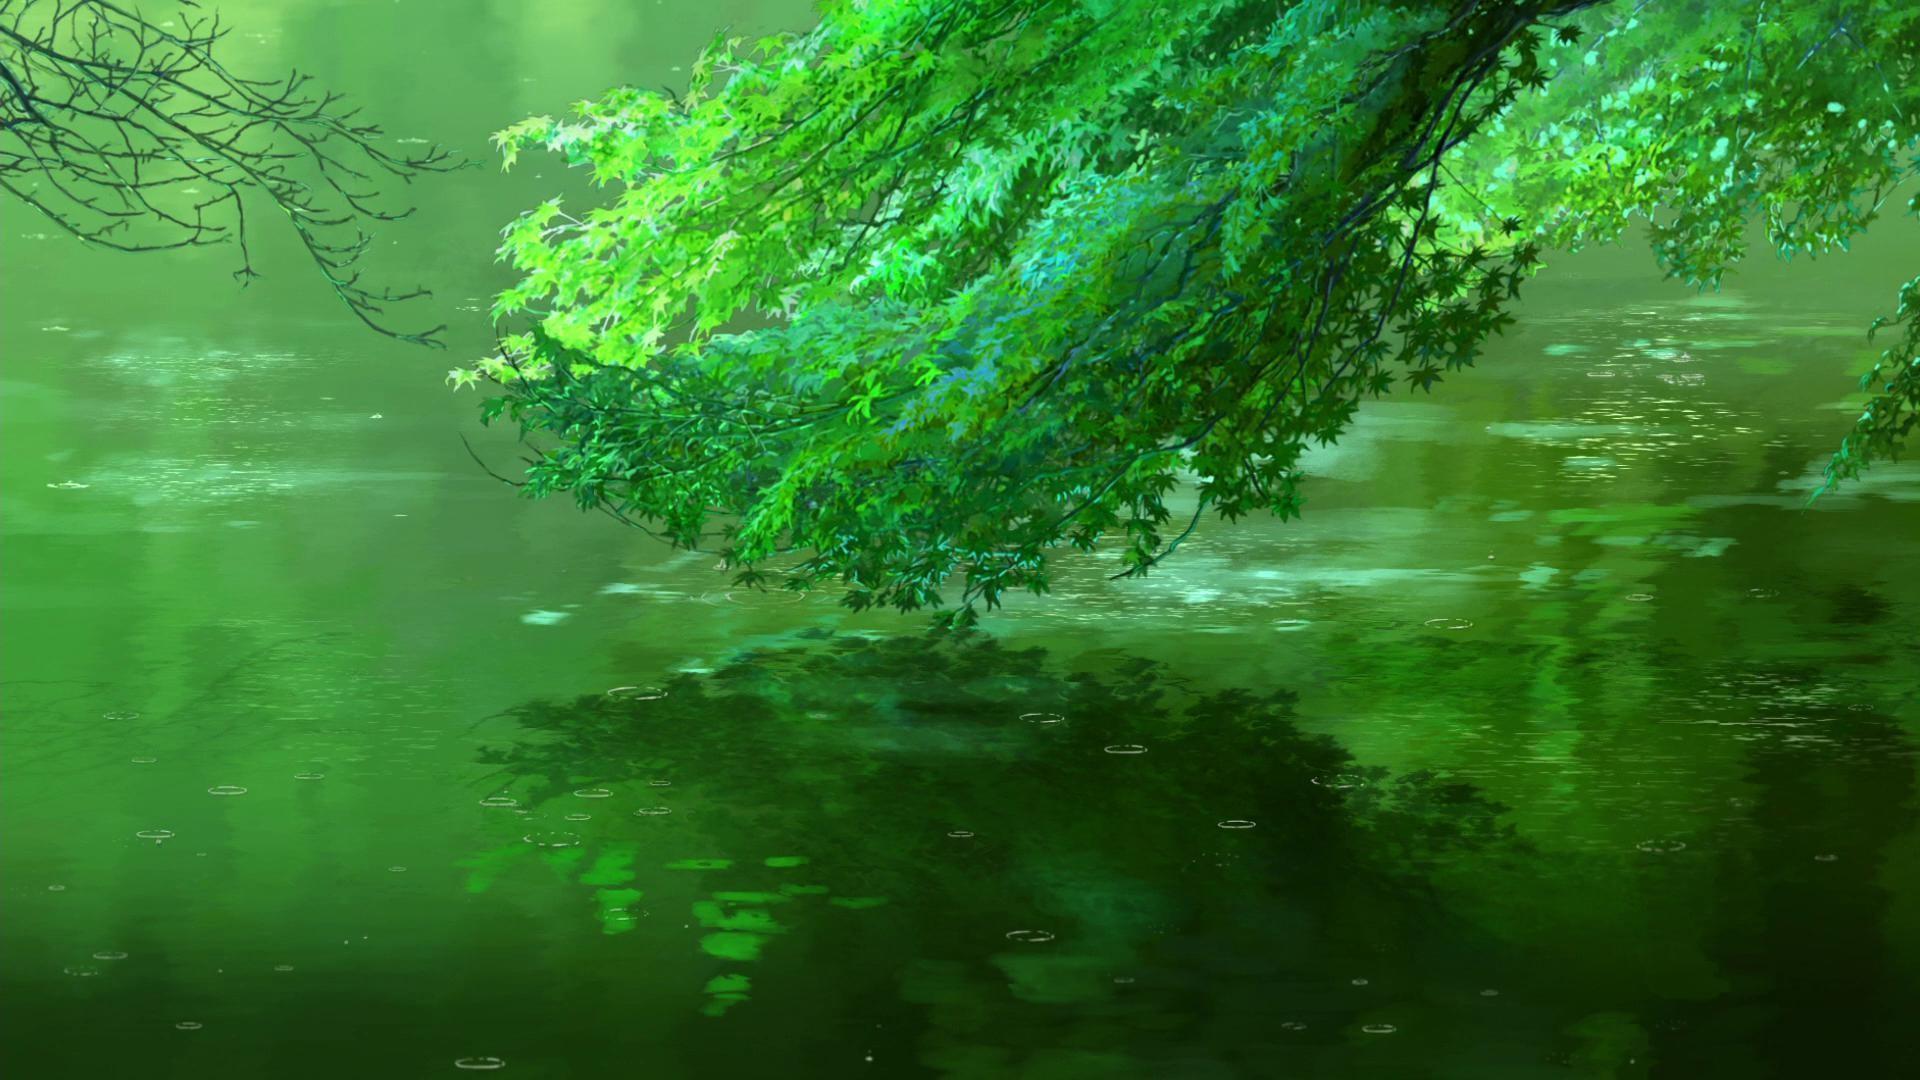 绿色自然风景图片高清宽屏桌面壁纸